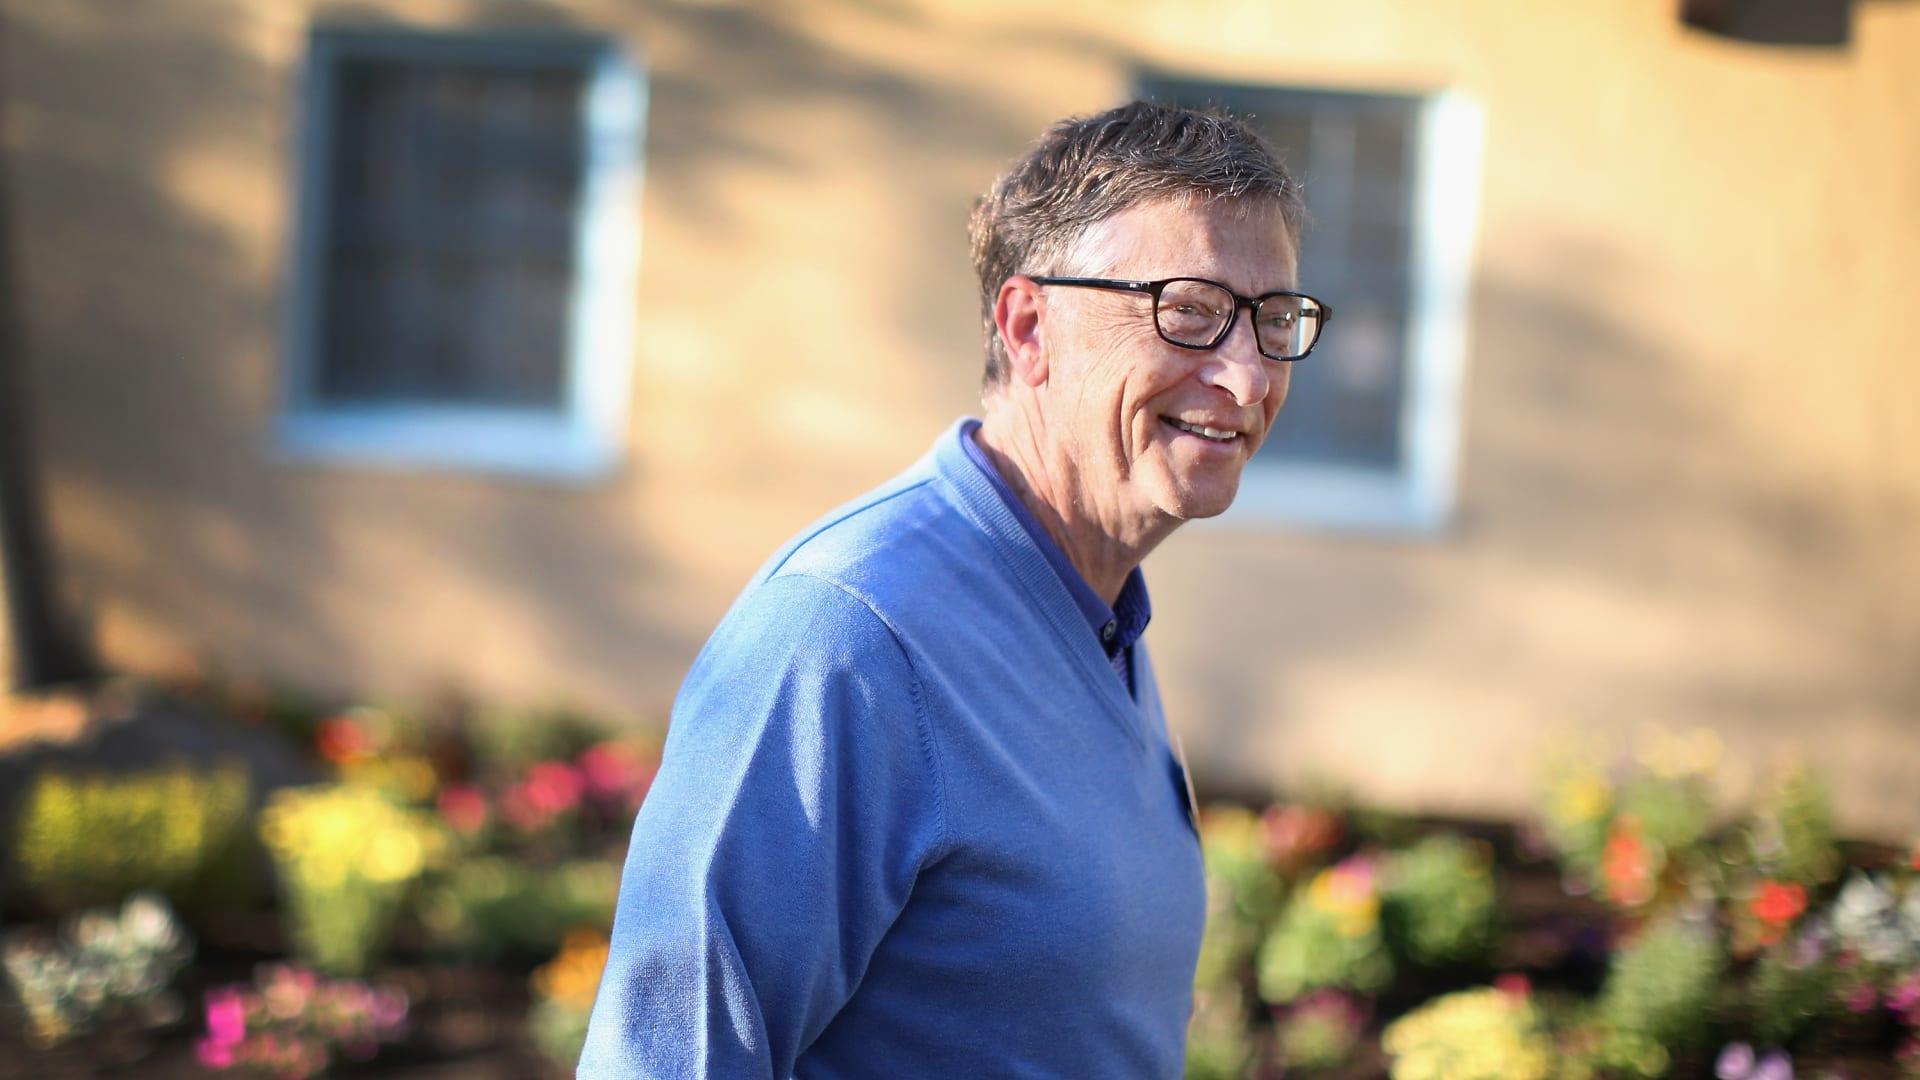 حصرياً.. غيتس يفسّر استثماره 50 مليون دولار لأبحاث الزهايمر